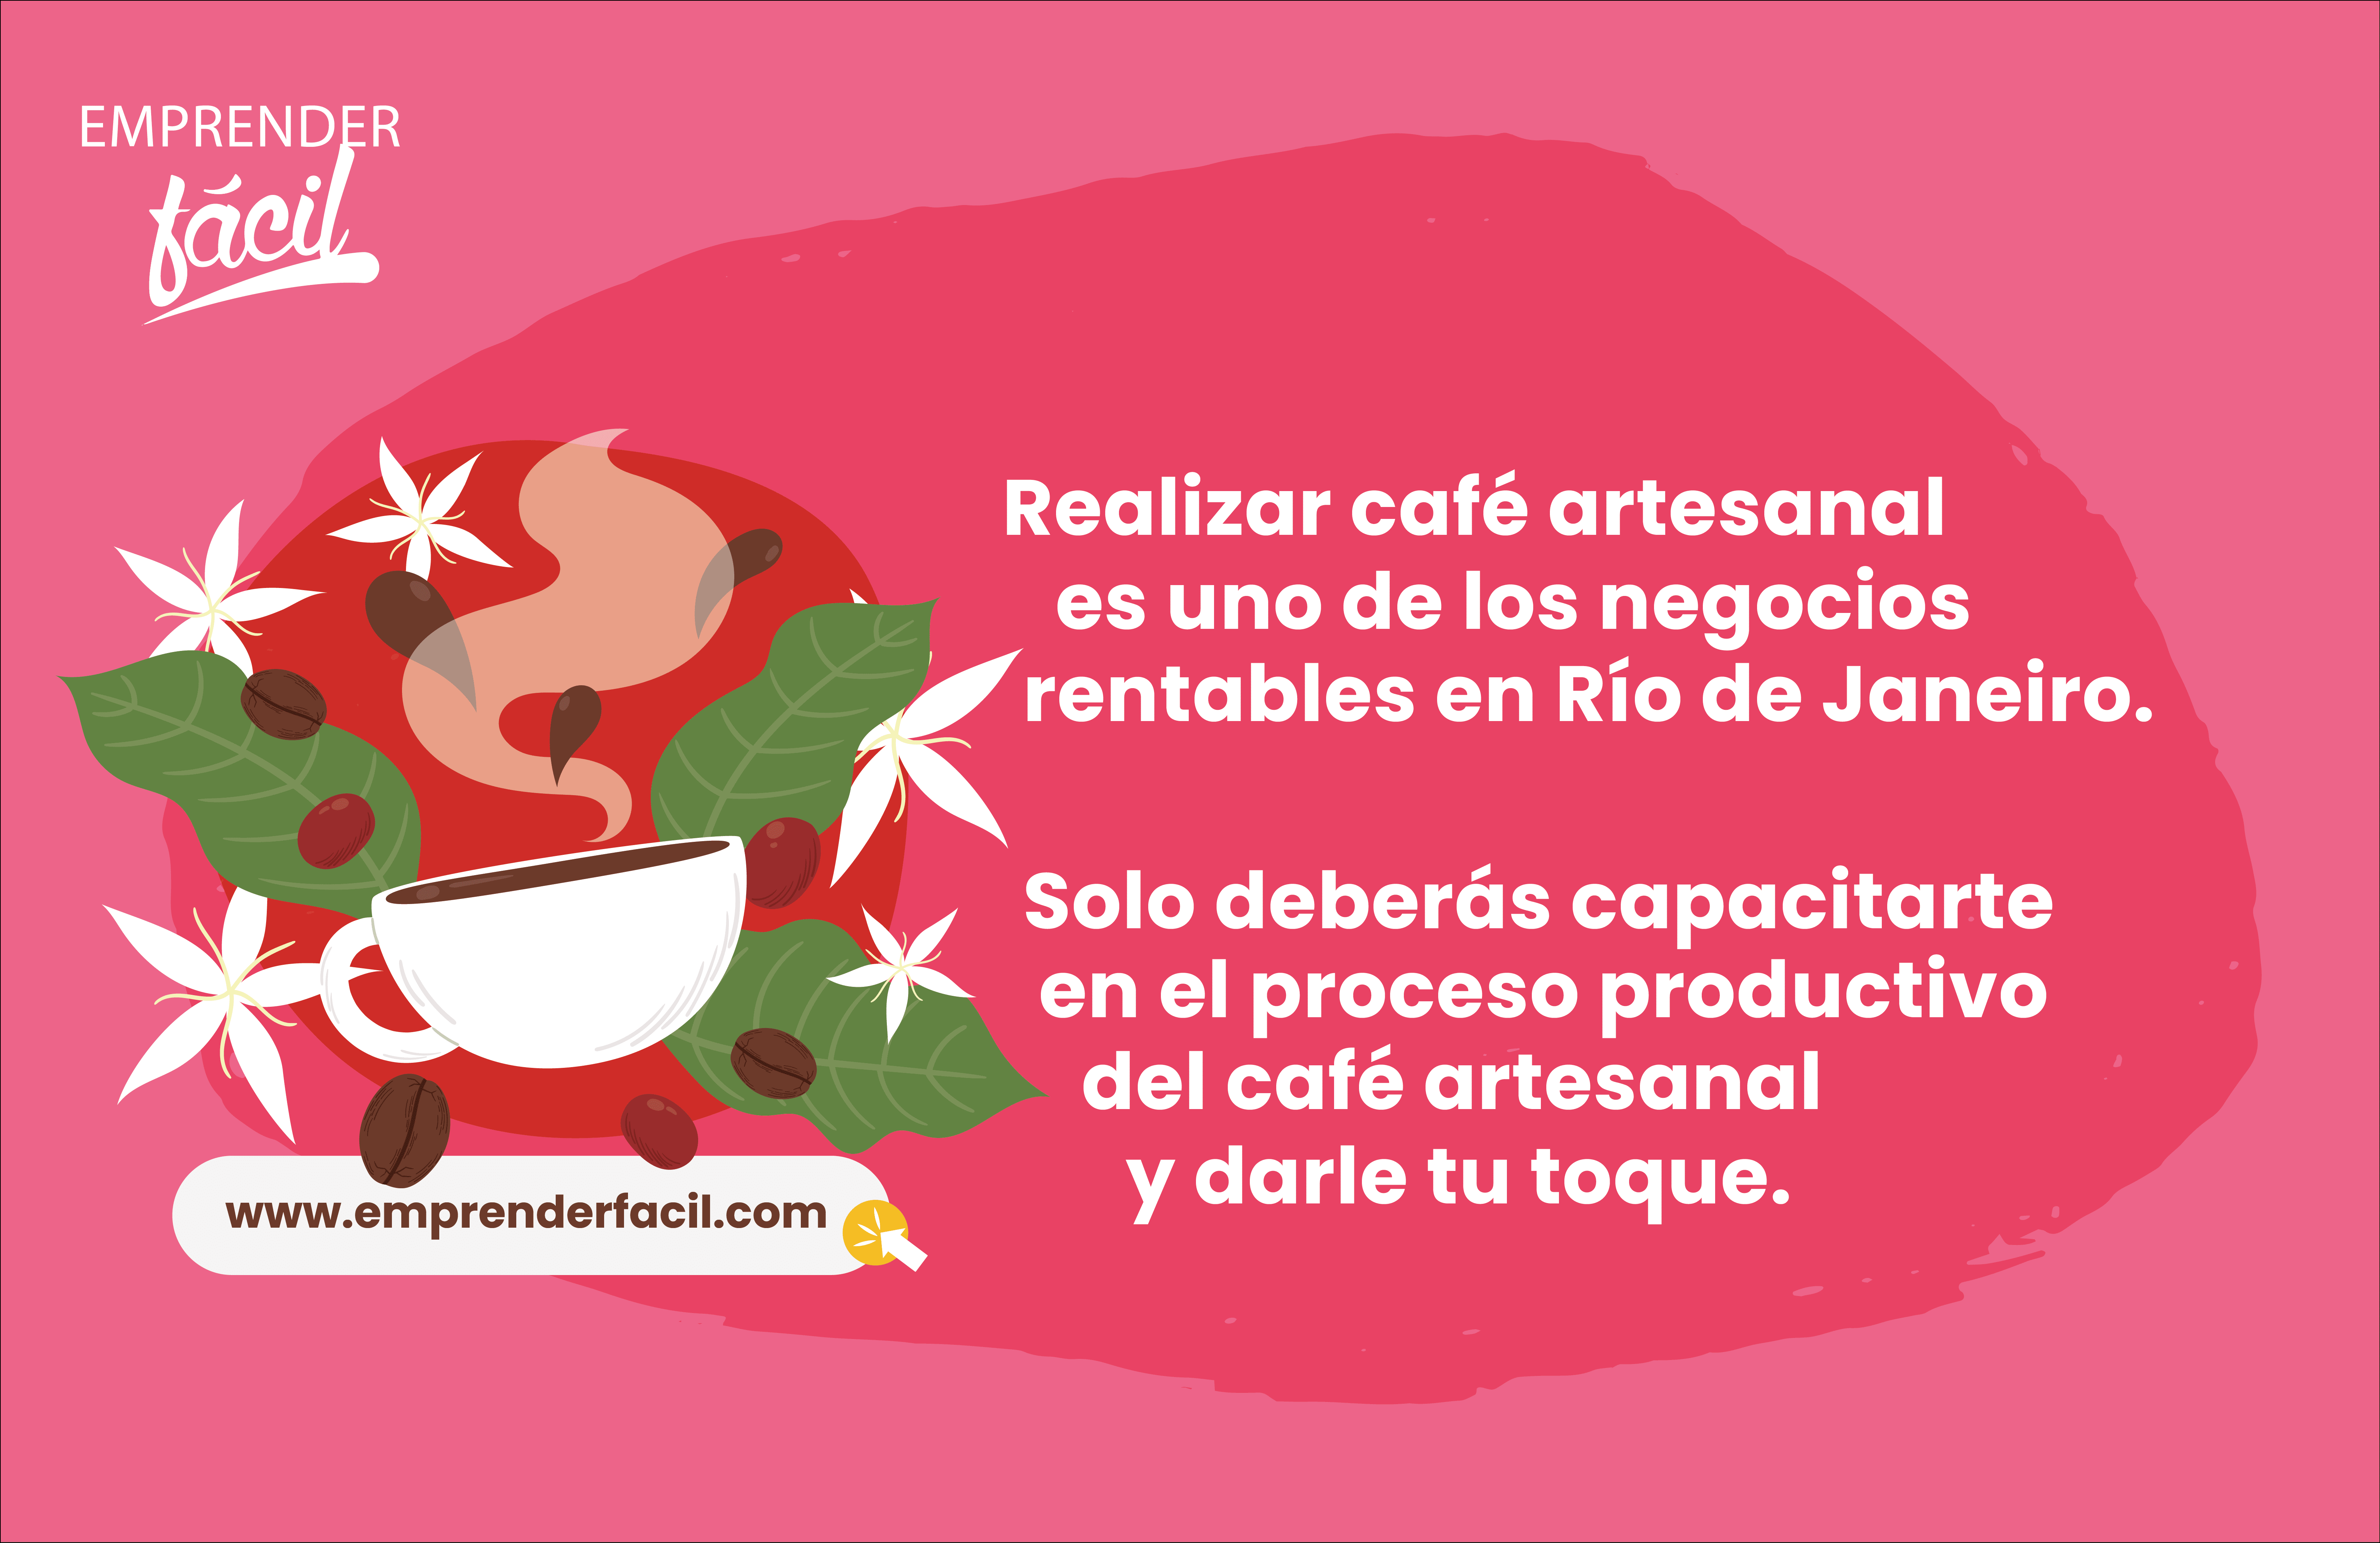 Realizar café artesanal es uno de los negocios rentables en Río de Janeiro.